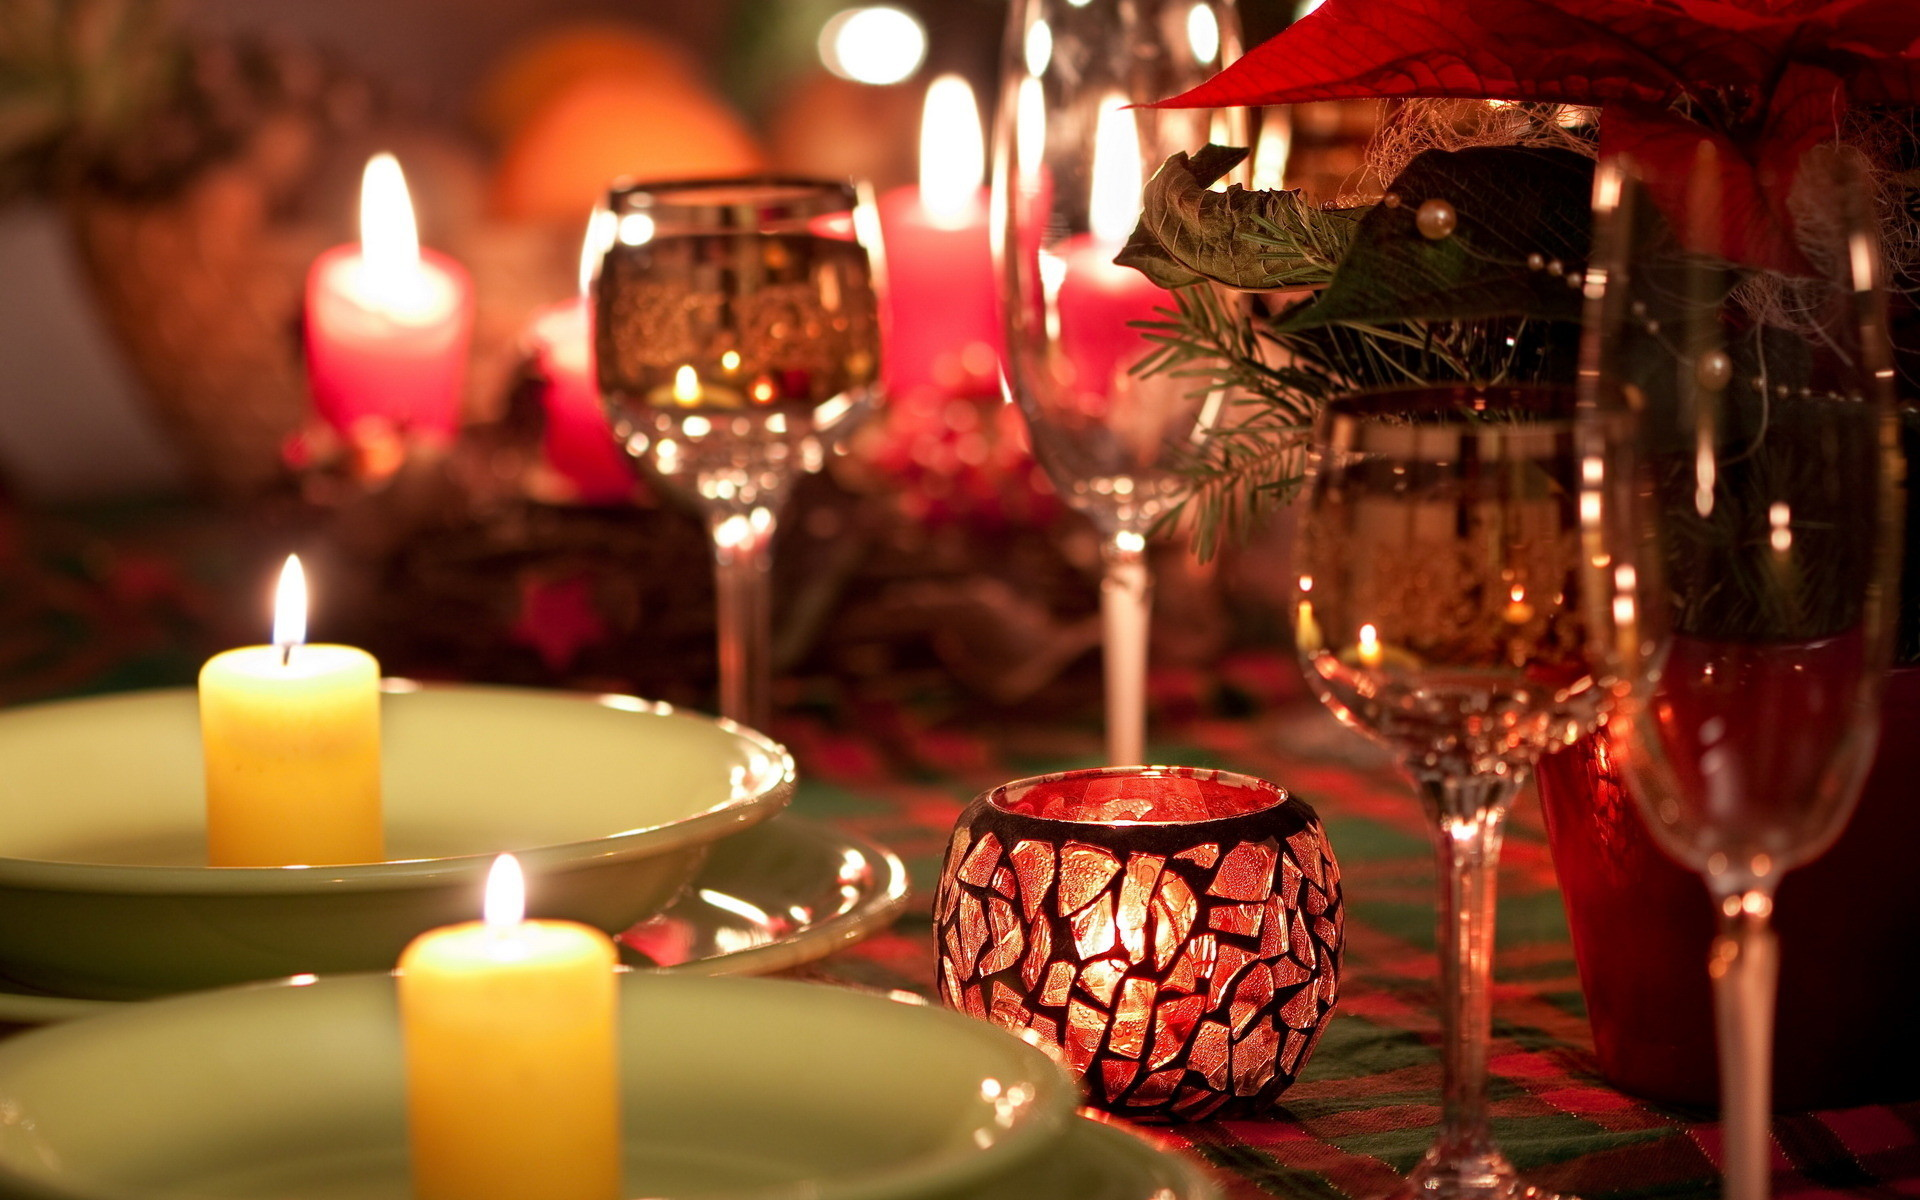 Candlelight Dinner Wallpaper 44730